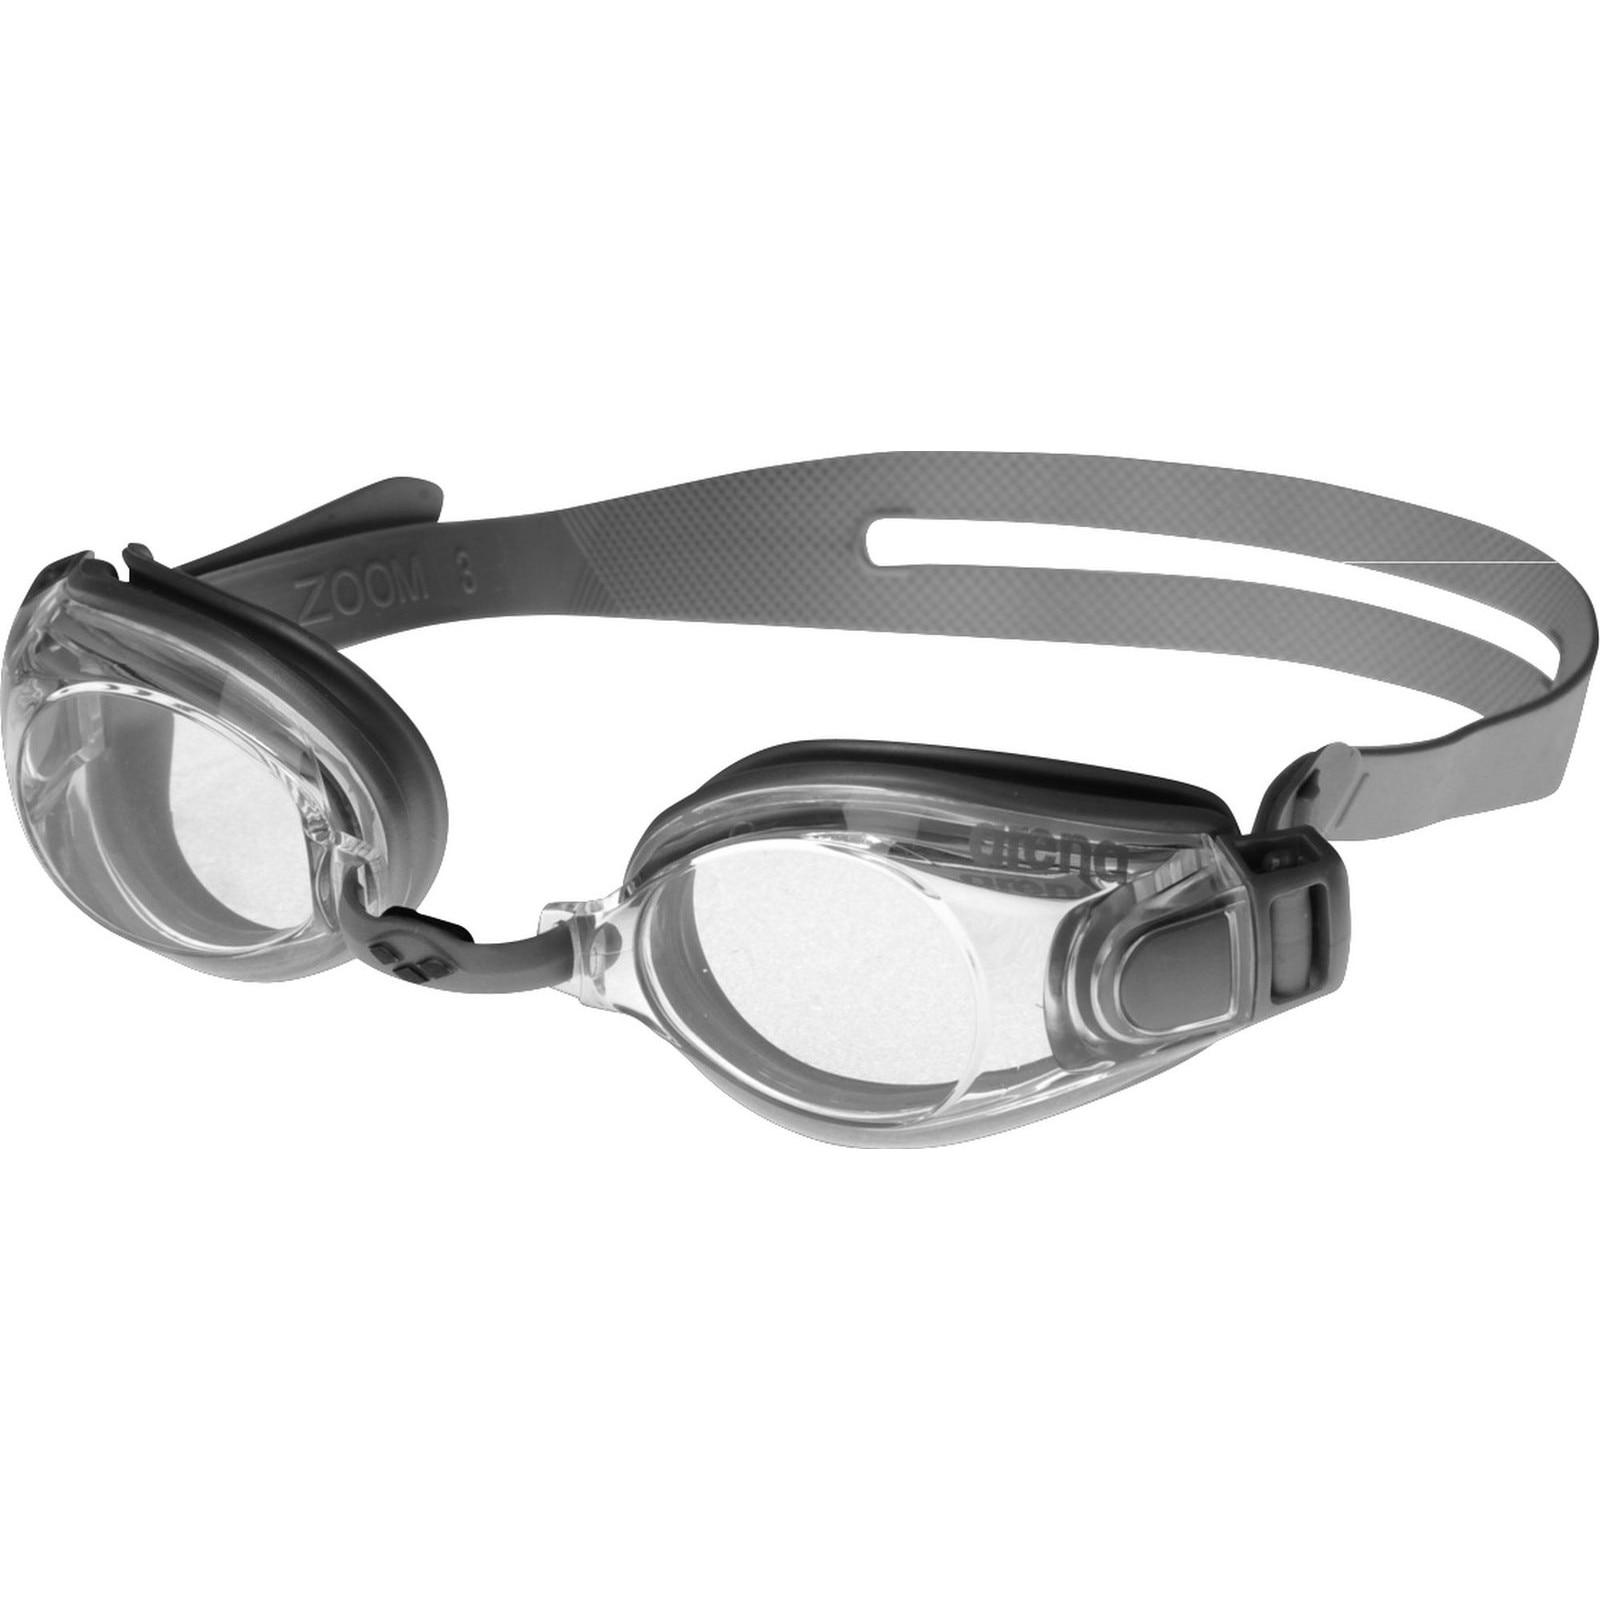 ochelari de antrenament viziune minus 7 ce înseamnă